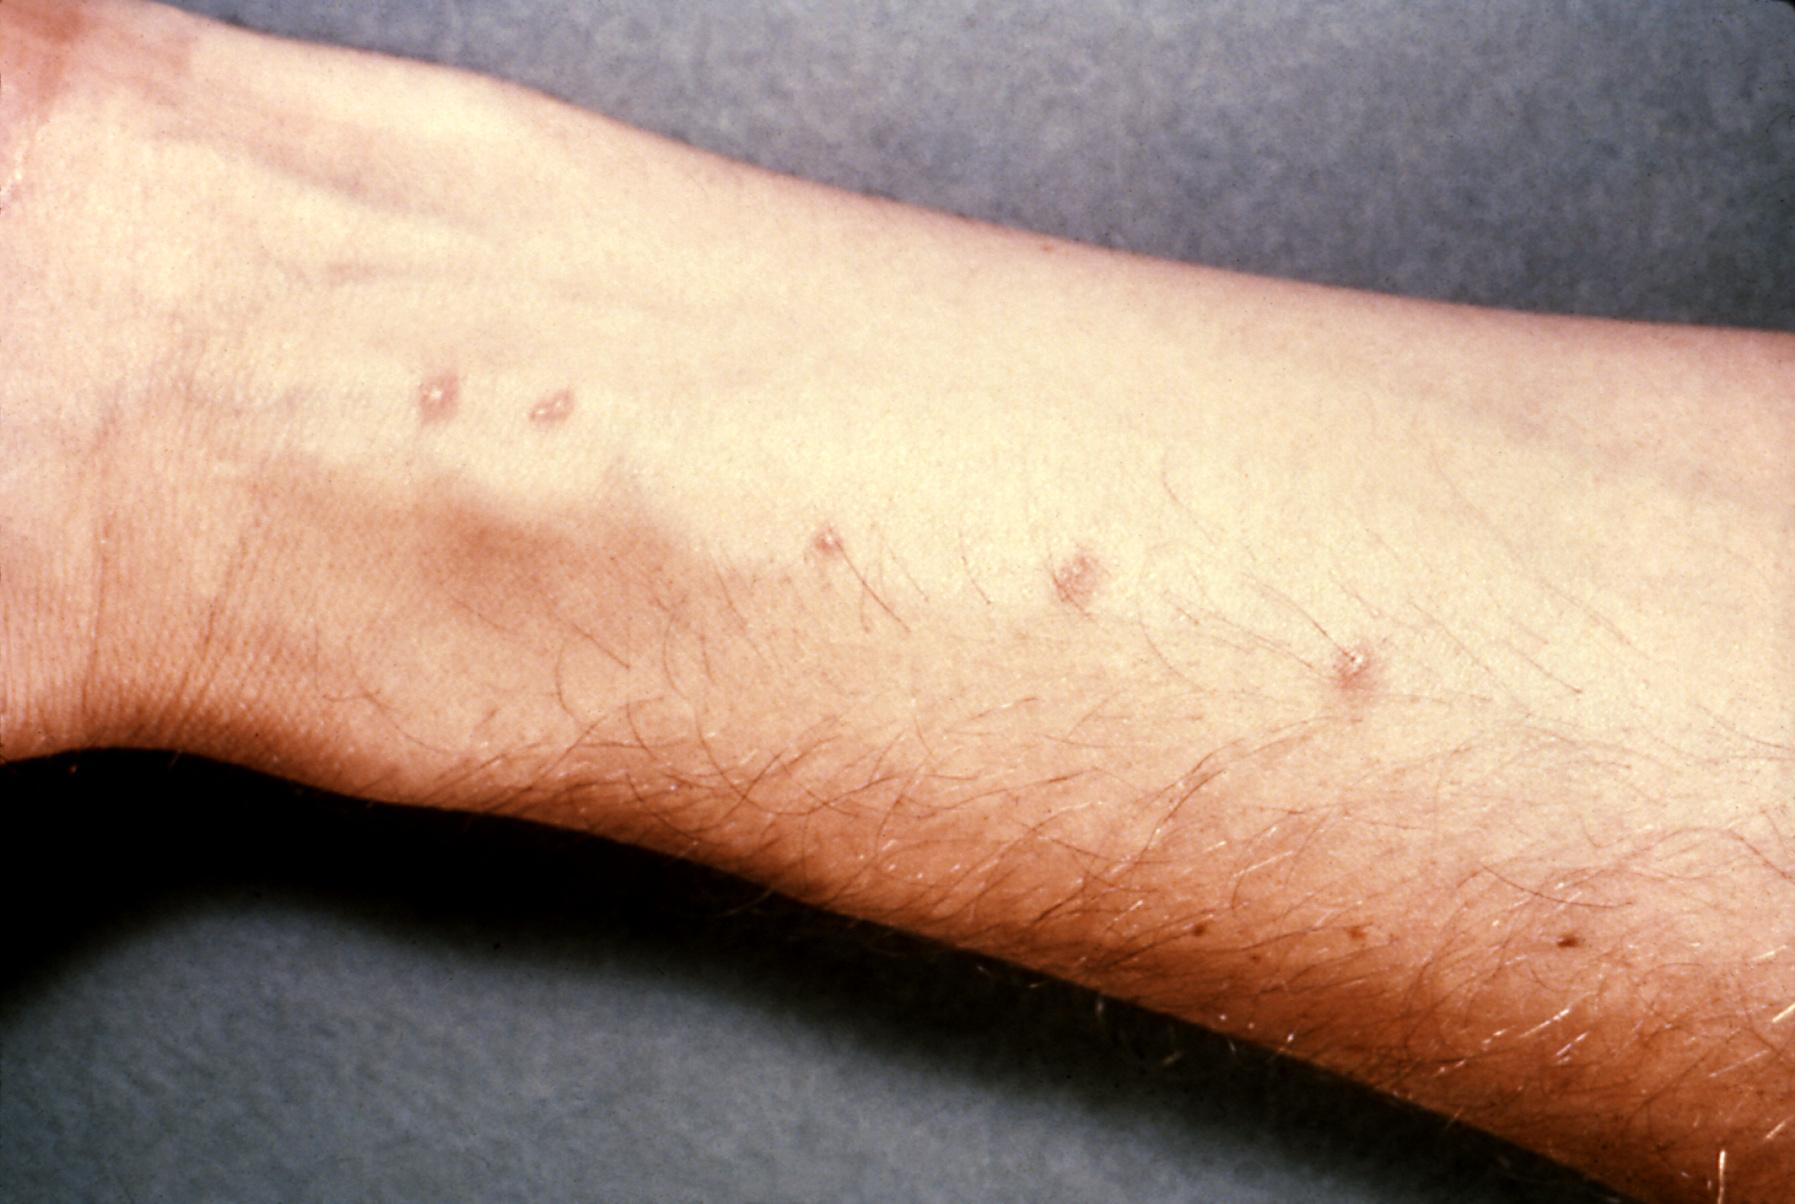 Giardia skin infection, Folliculitis